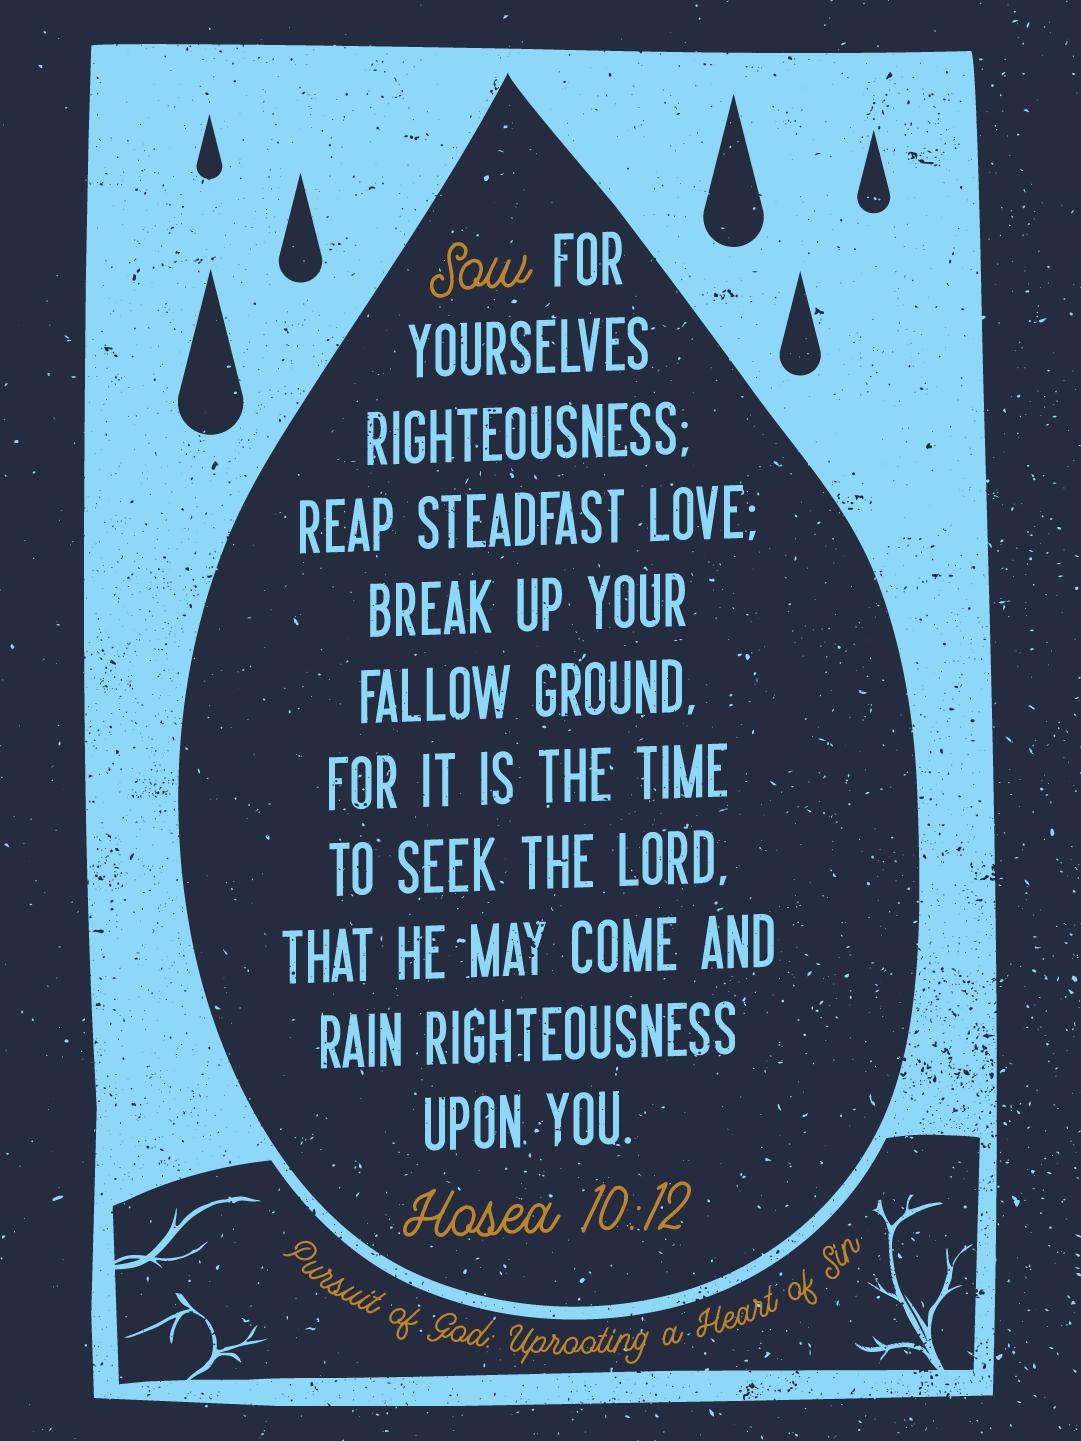 theme verse@4x-8.png